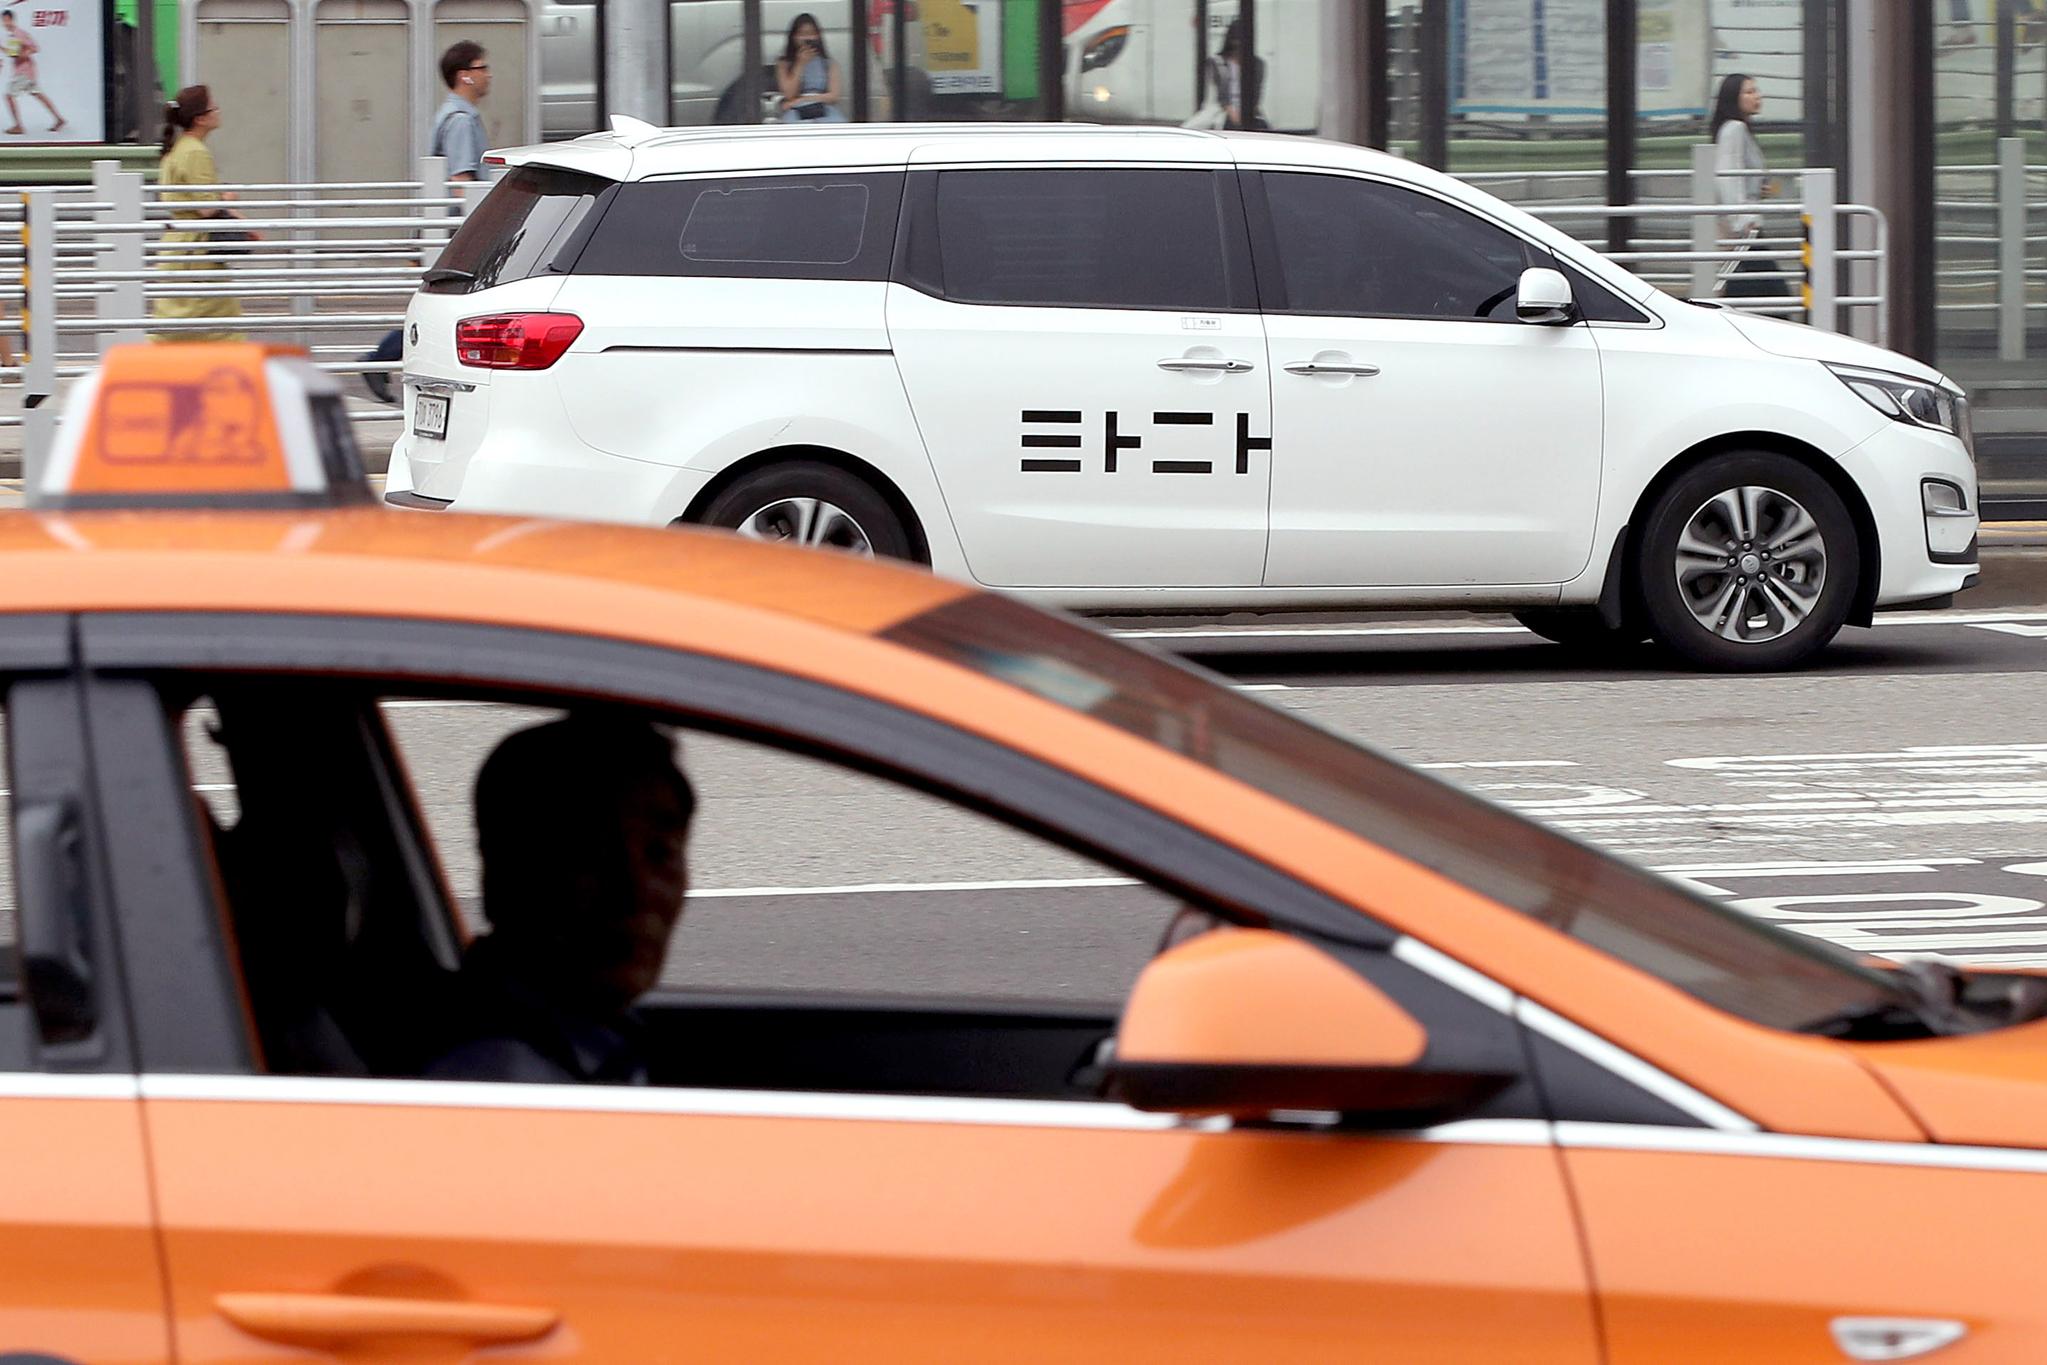 택시제도개편 실무기구의 참여를 놓고 타다와 택시업계 간 갈등이 다시 불거지고 있다. [뉴스 1]